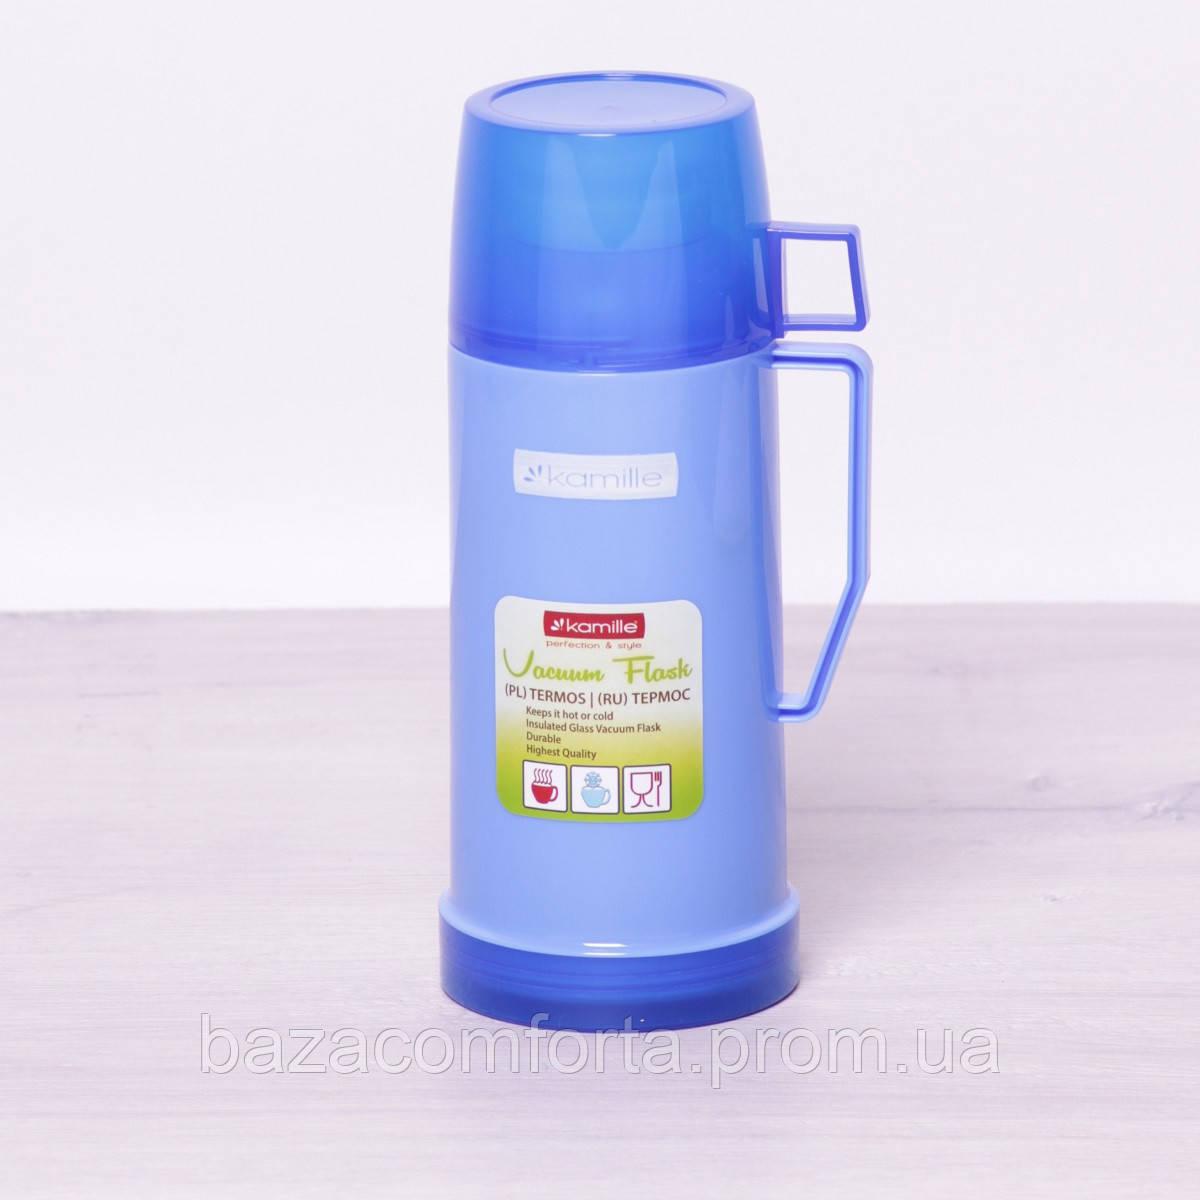 Термос 2071 пластиковый со стеклянной колбой Kamille 600мл